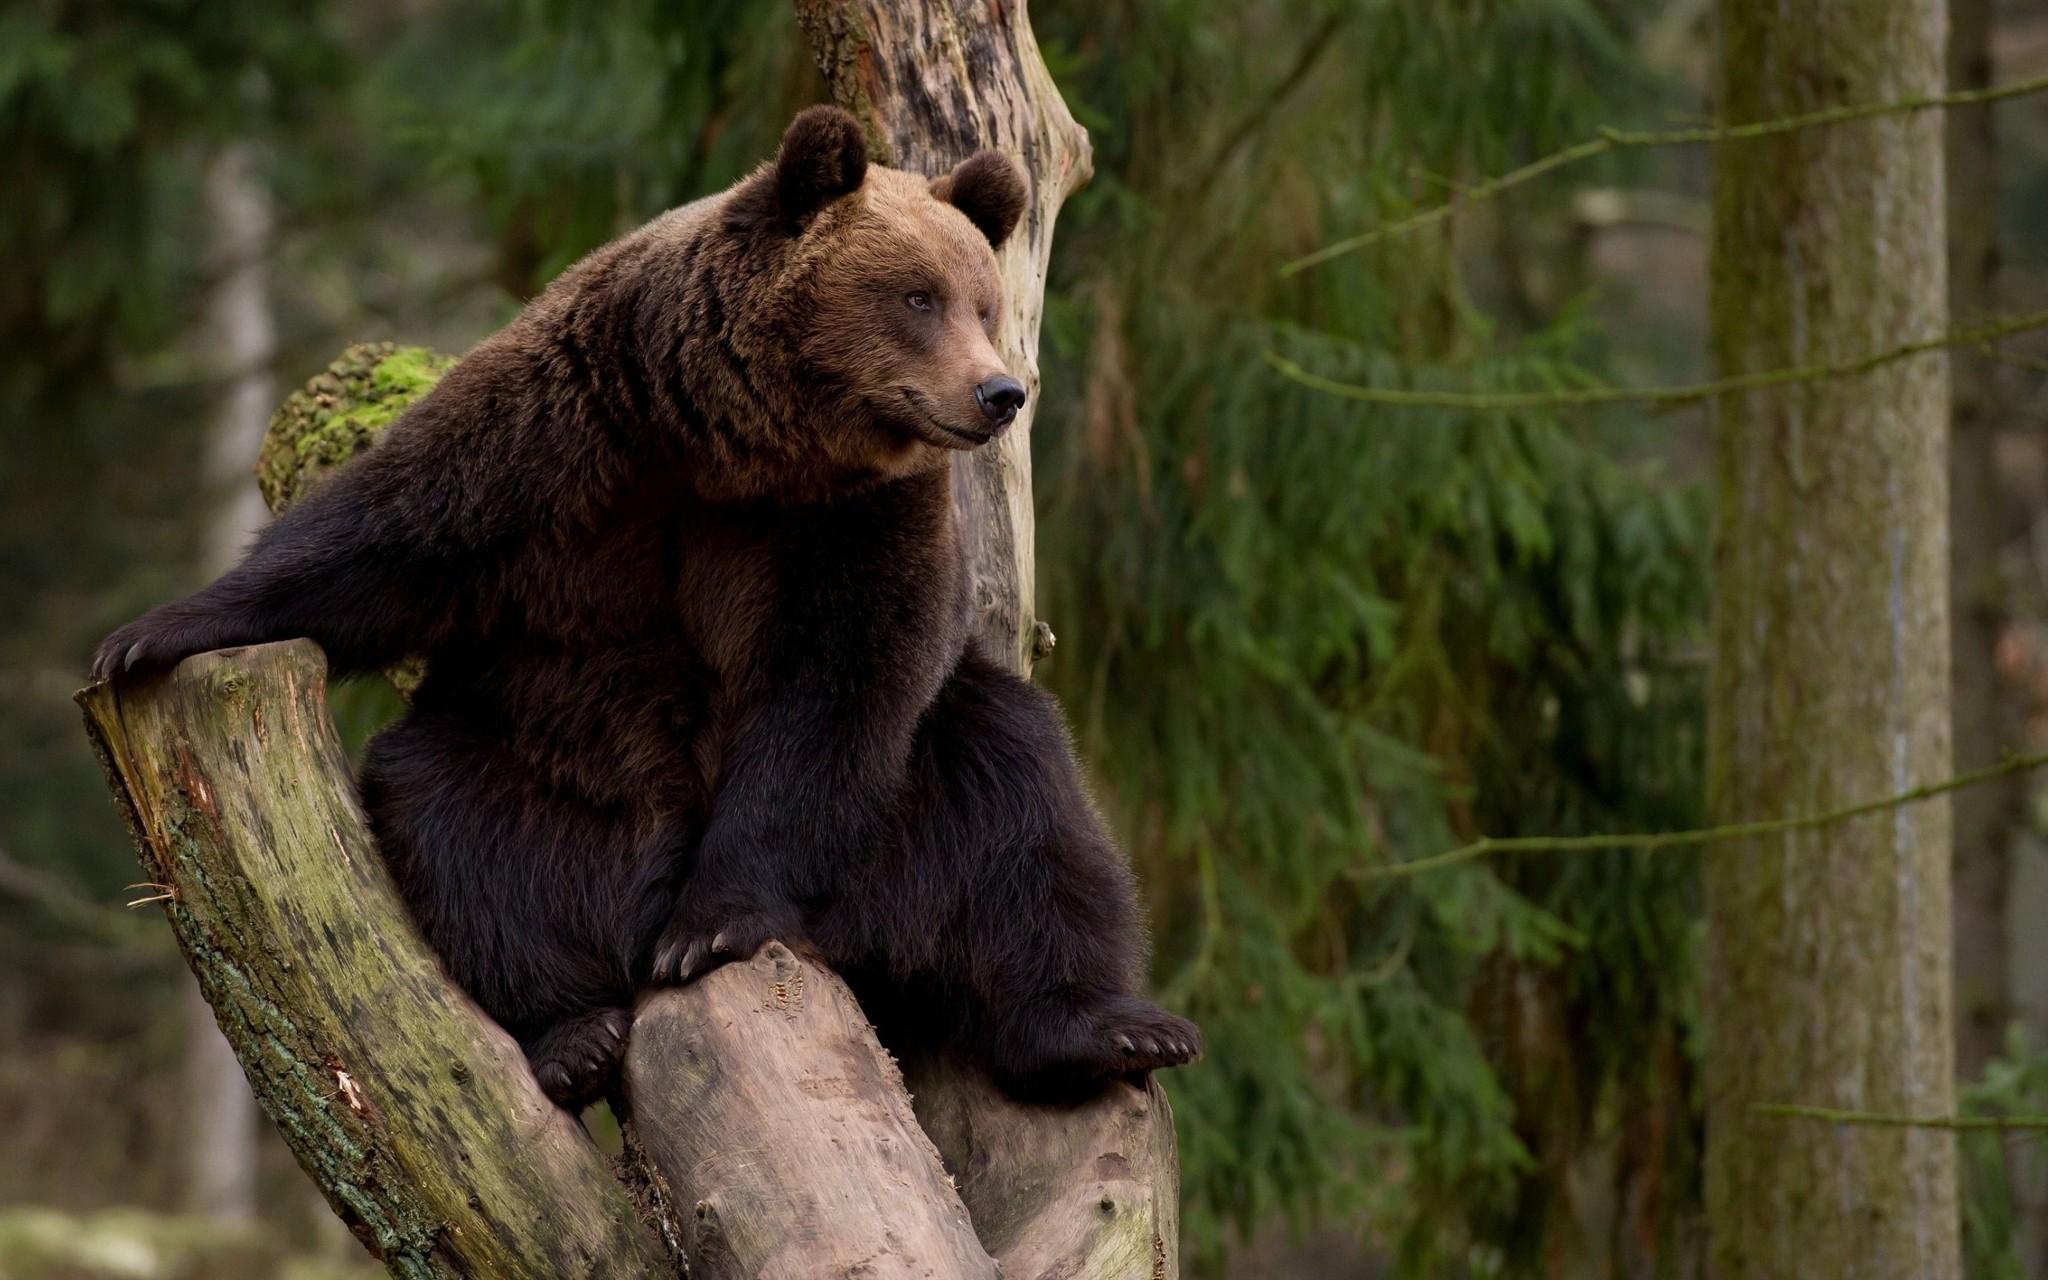 медведь взобрался на дерево